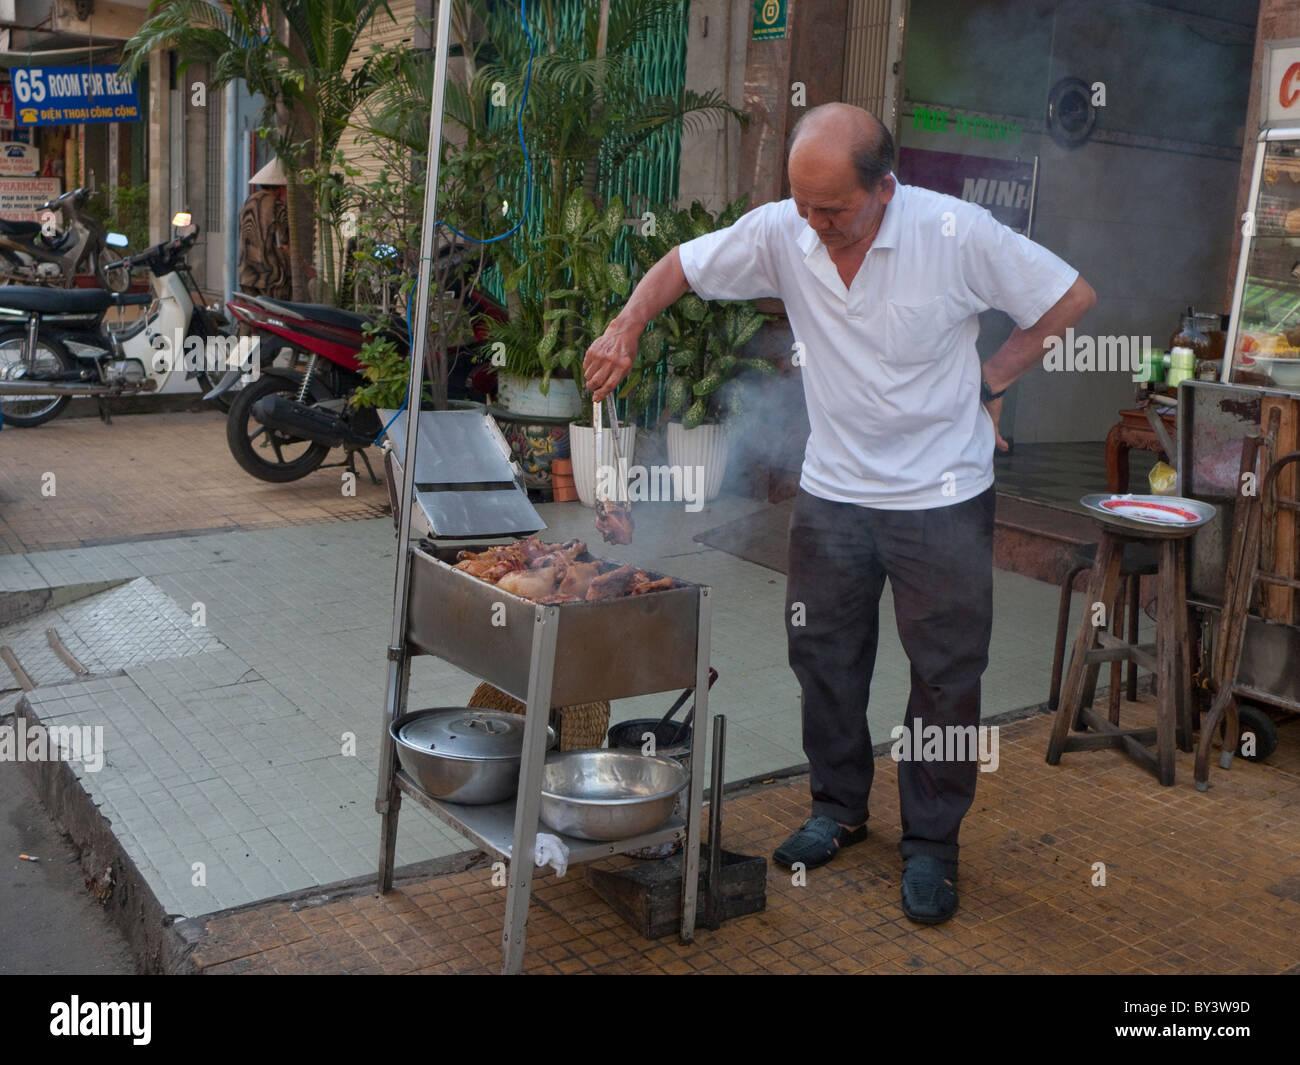 Un fournisseur d'aliments cuisson siège bananes frites en vente sur une rue à Ho Chi Minh, Vietnam Photo Stock